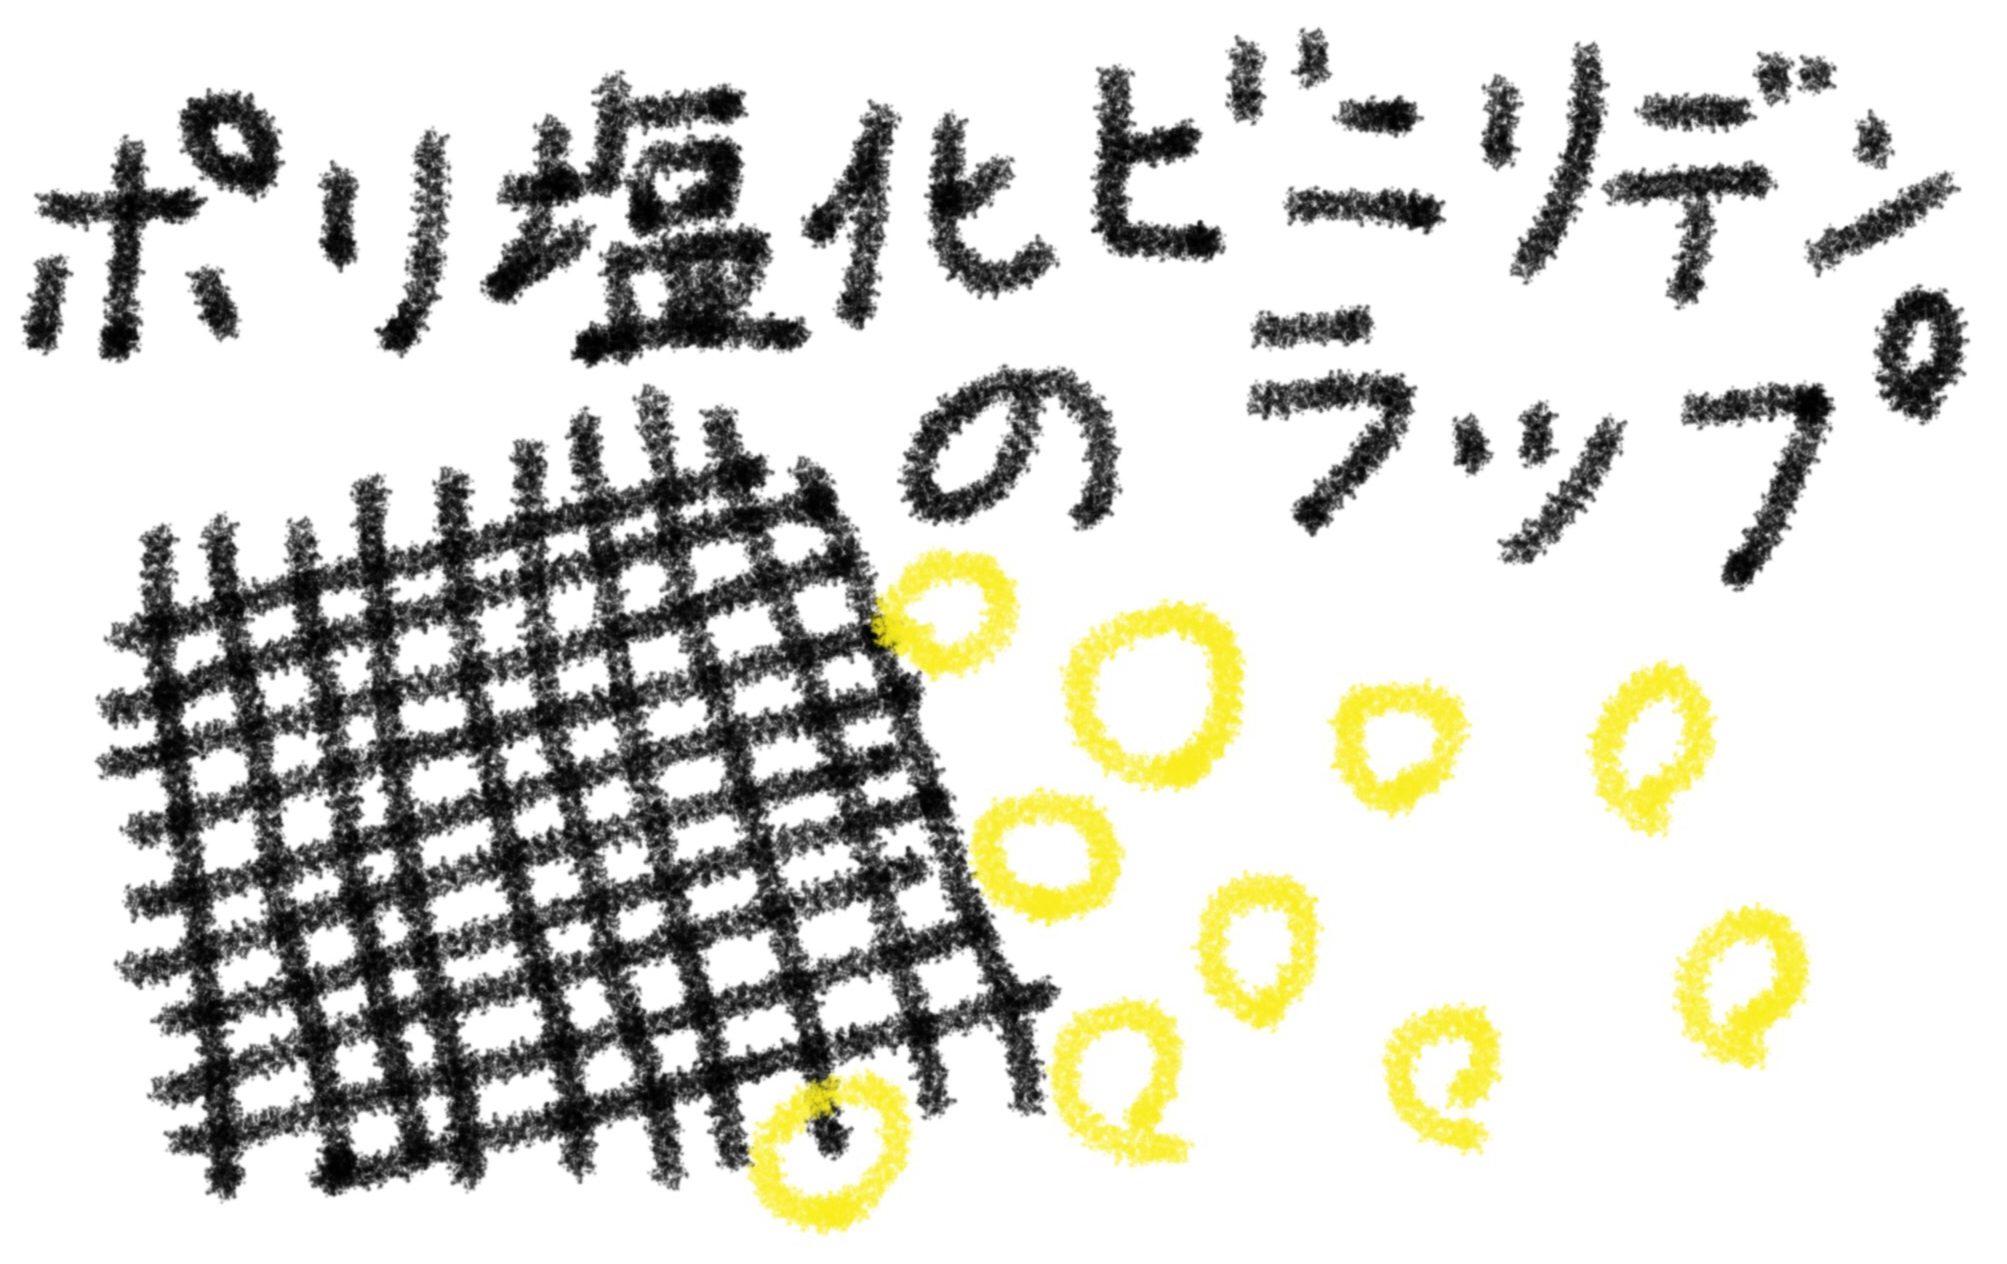 ポリ塩化ビニリデンのラップの目がこまかくてにおいのつぶ(黄色)が通れないイメージ